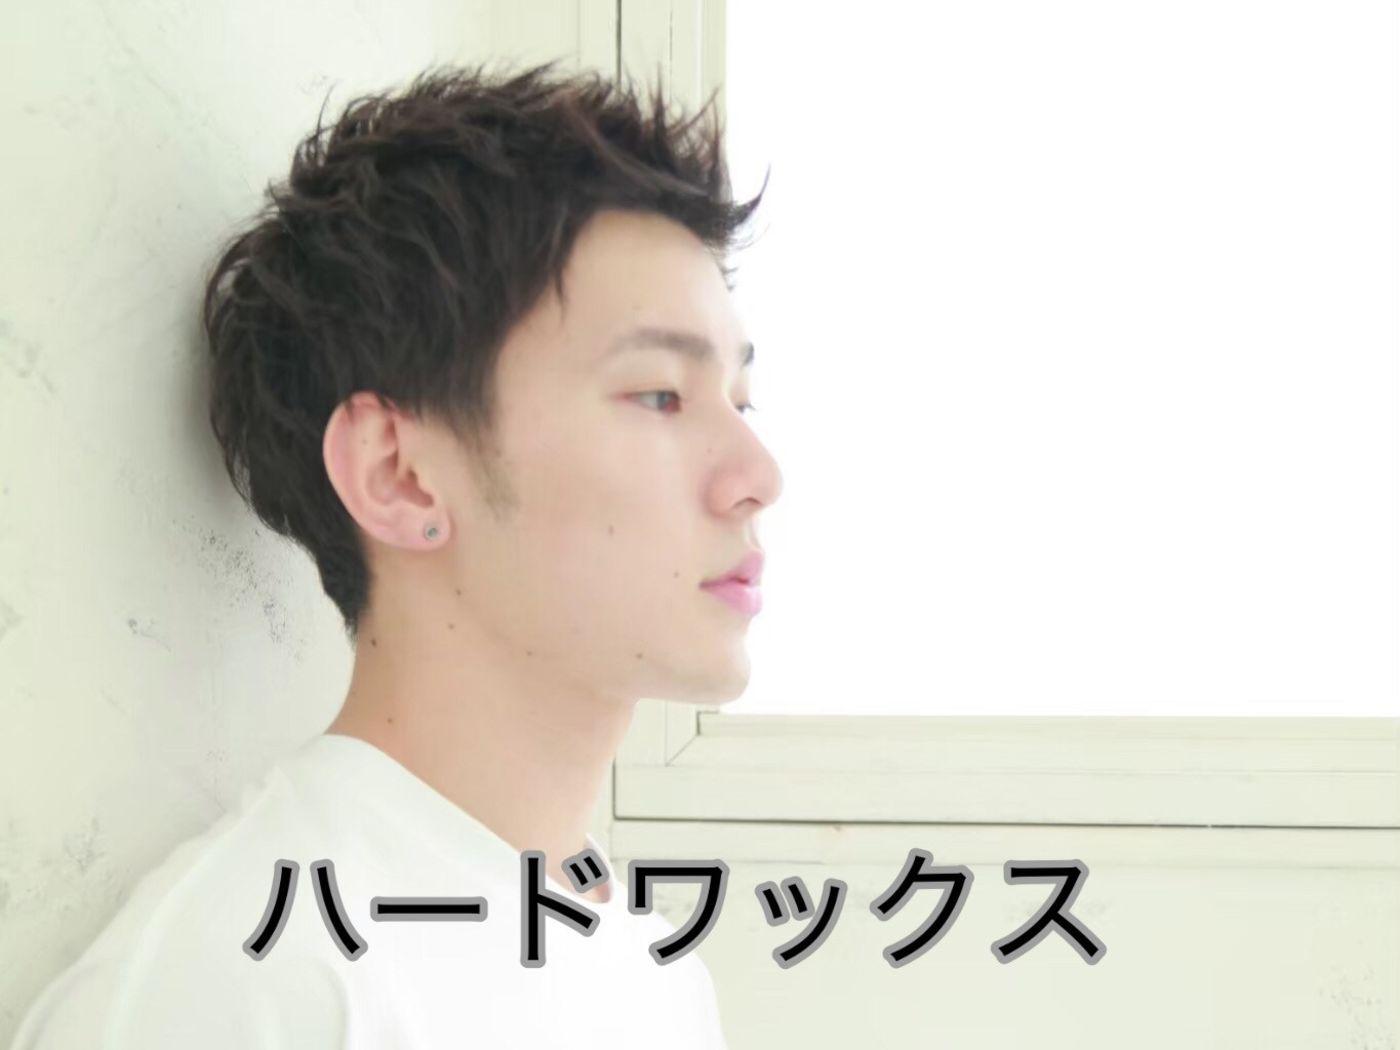 髪質に合わせたスタイリング剤選び【直毛】